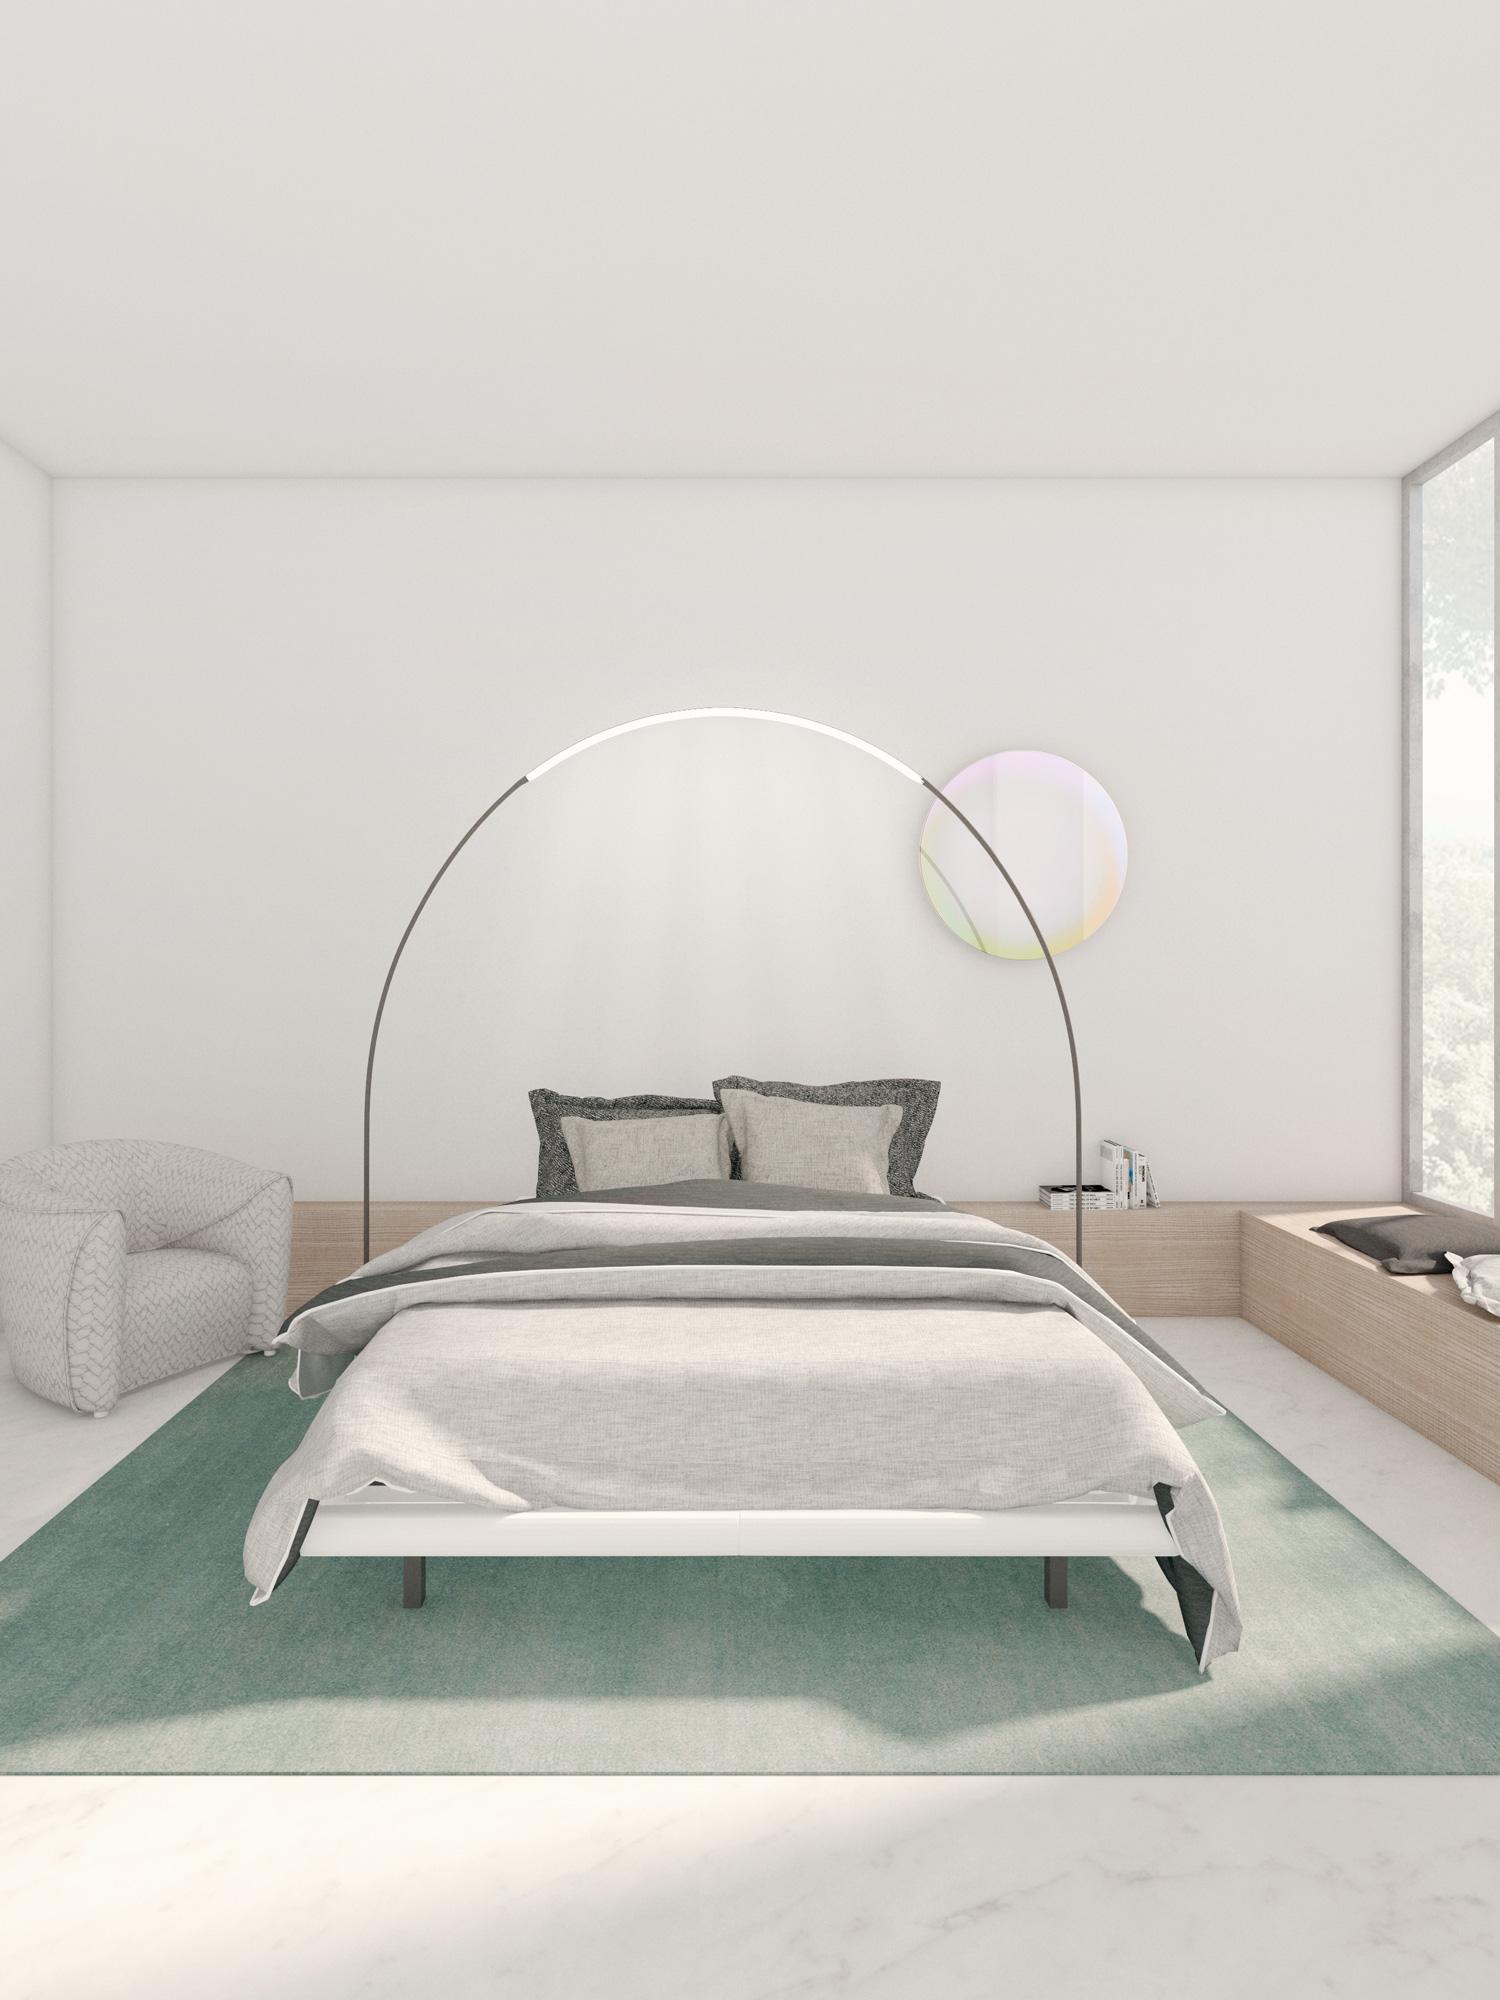 07_camera_letto_bedroom_tapppeto_kinnasand_shimmer_specchio_urquiola_halley_vibia_moroso_custommade_spaziomateriae_interiordesign_napoli.jpg